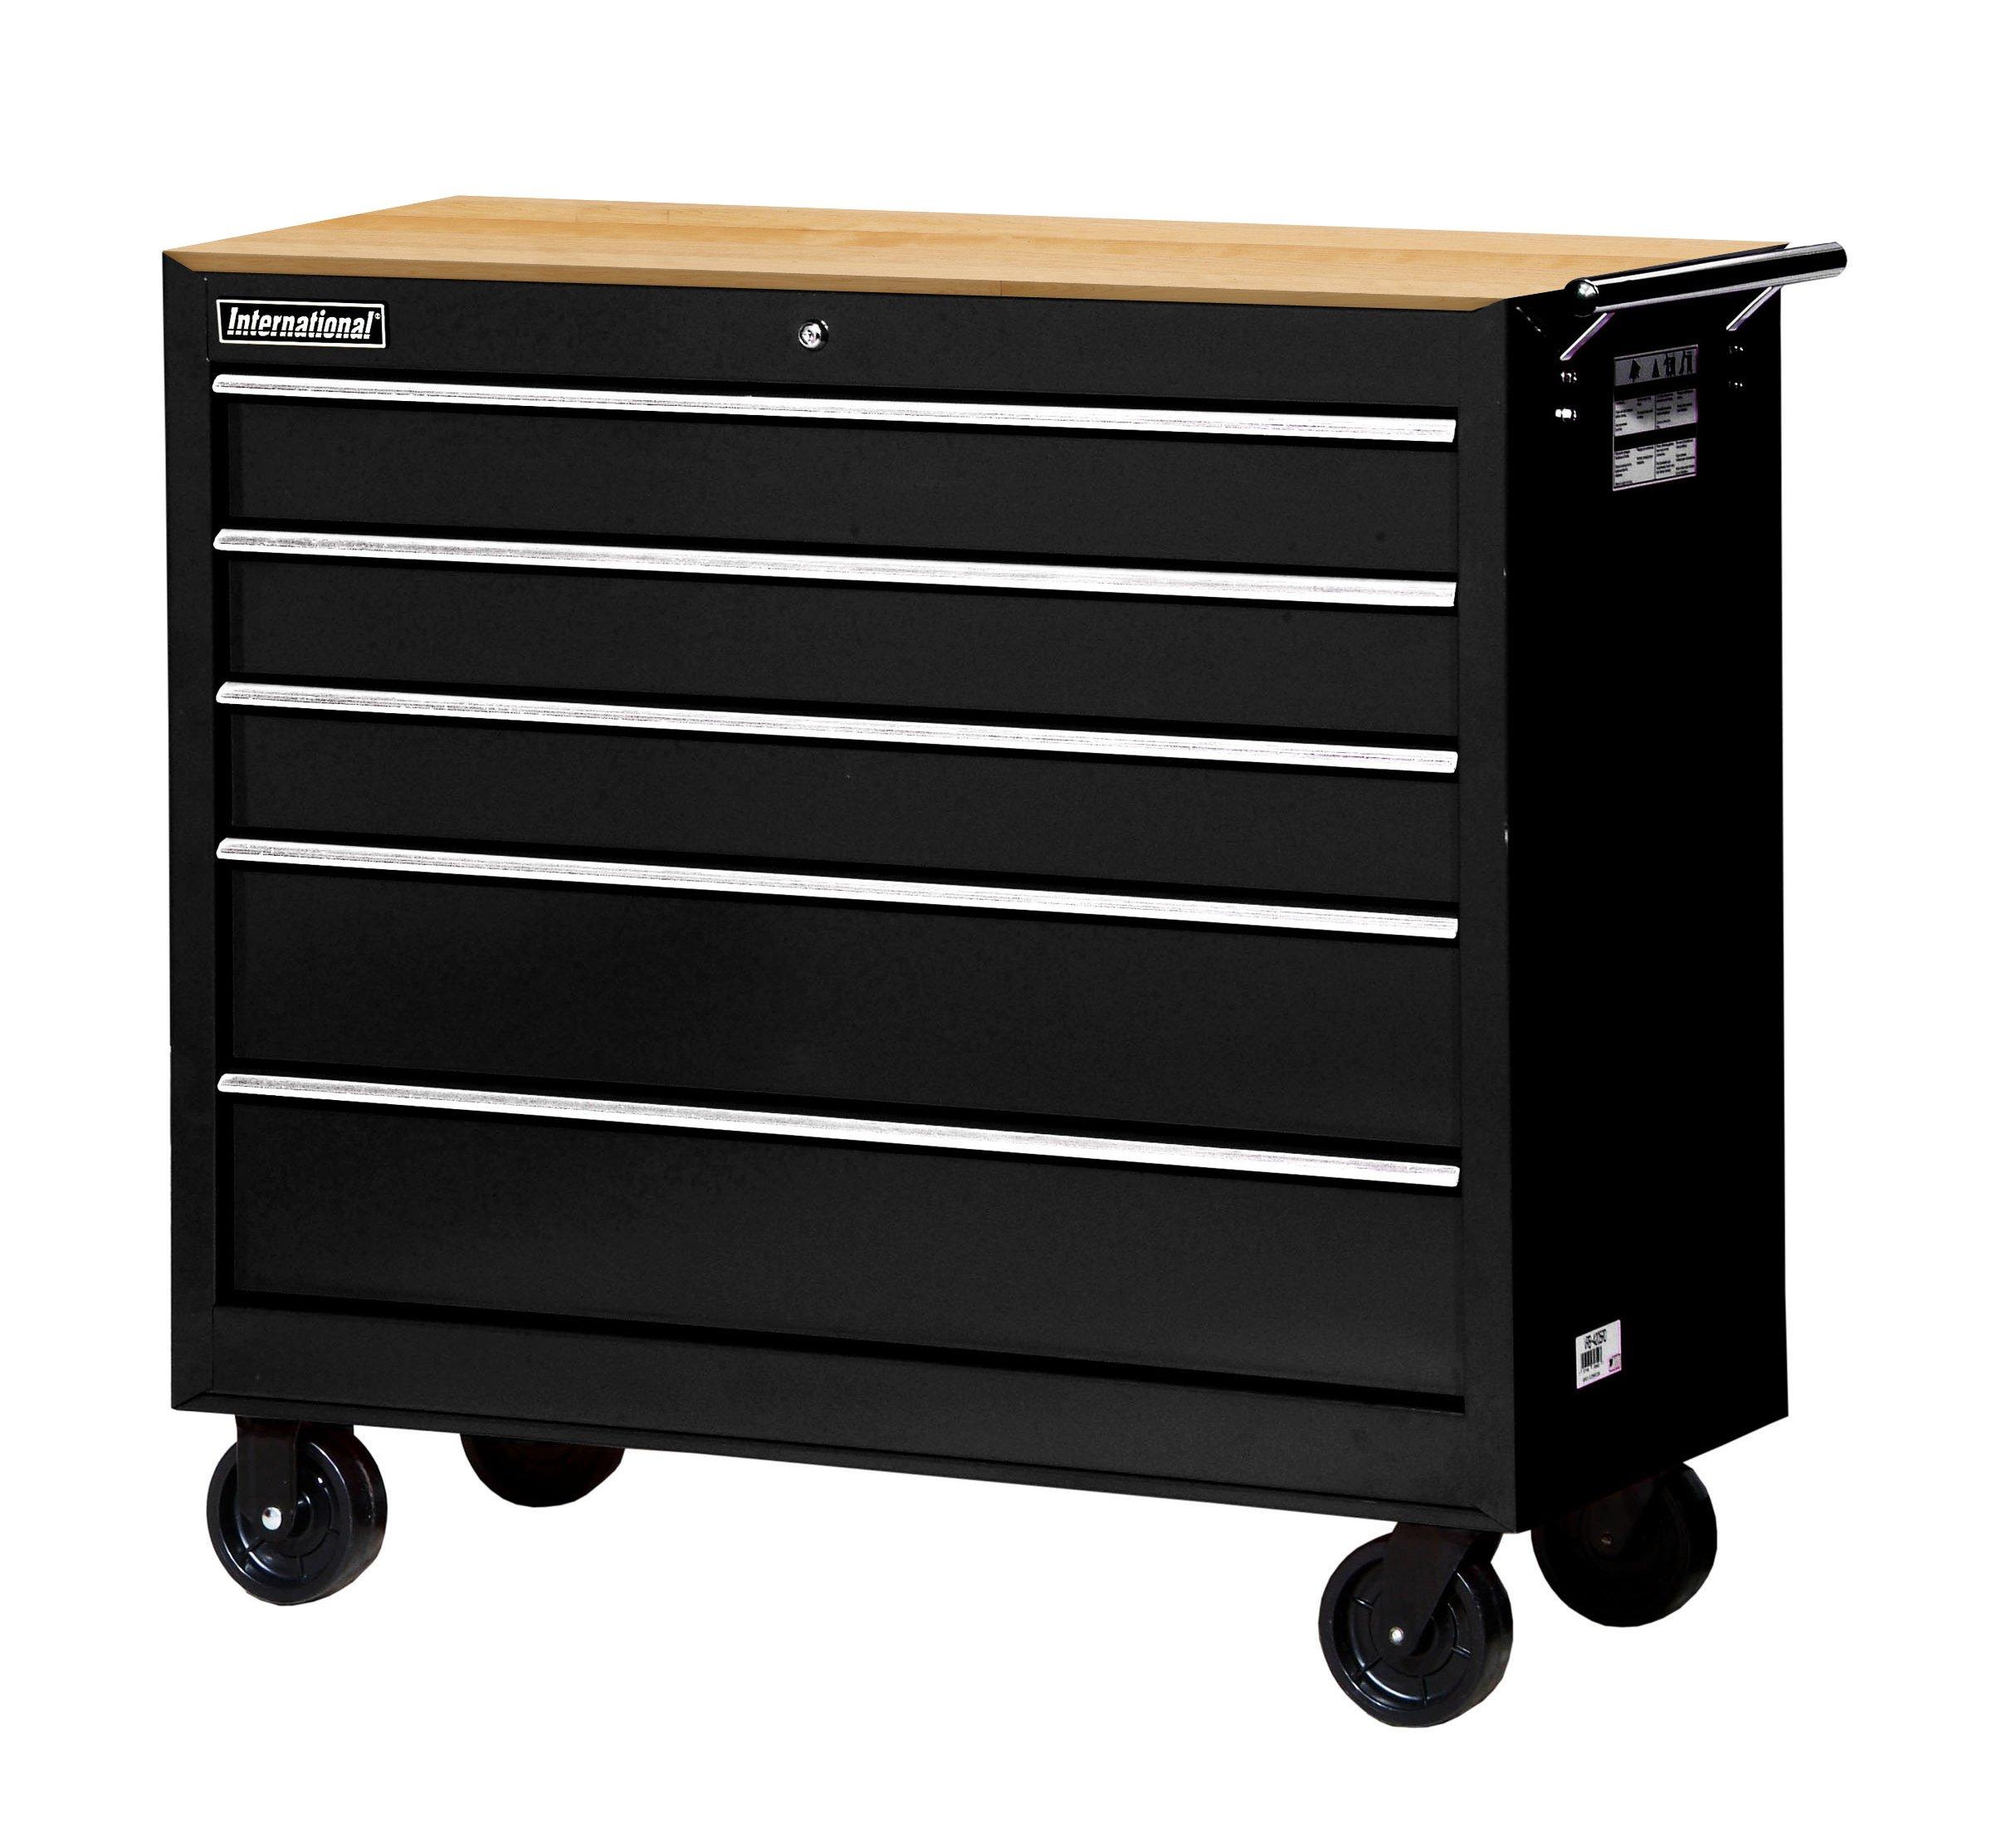 SPG-International Ltee Workshop Series 5 Drawer Mobile Cabinet